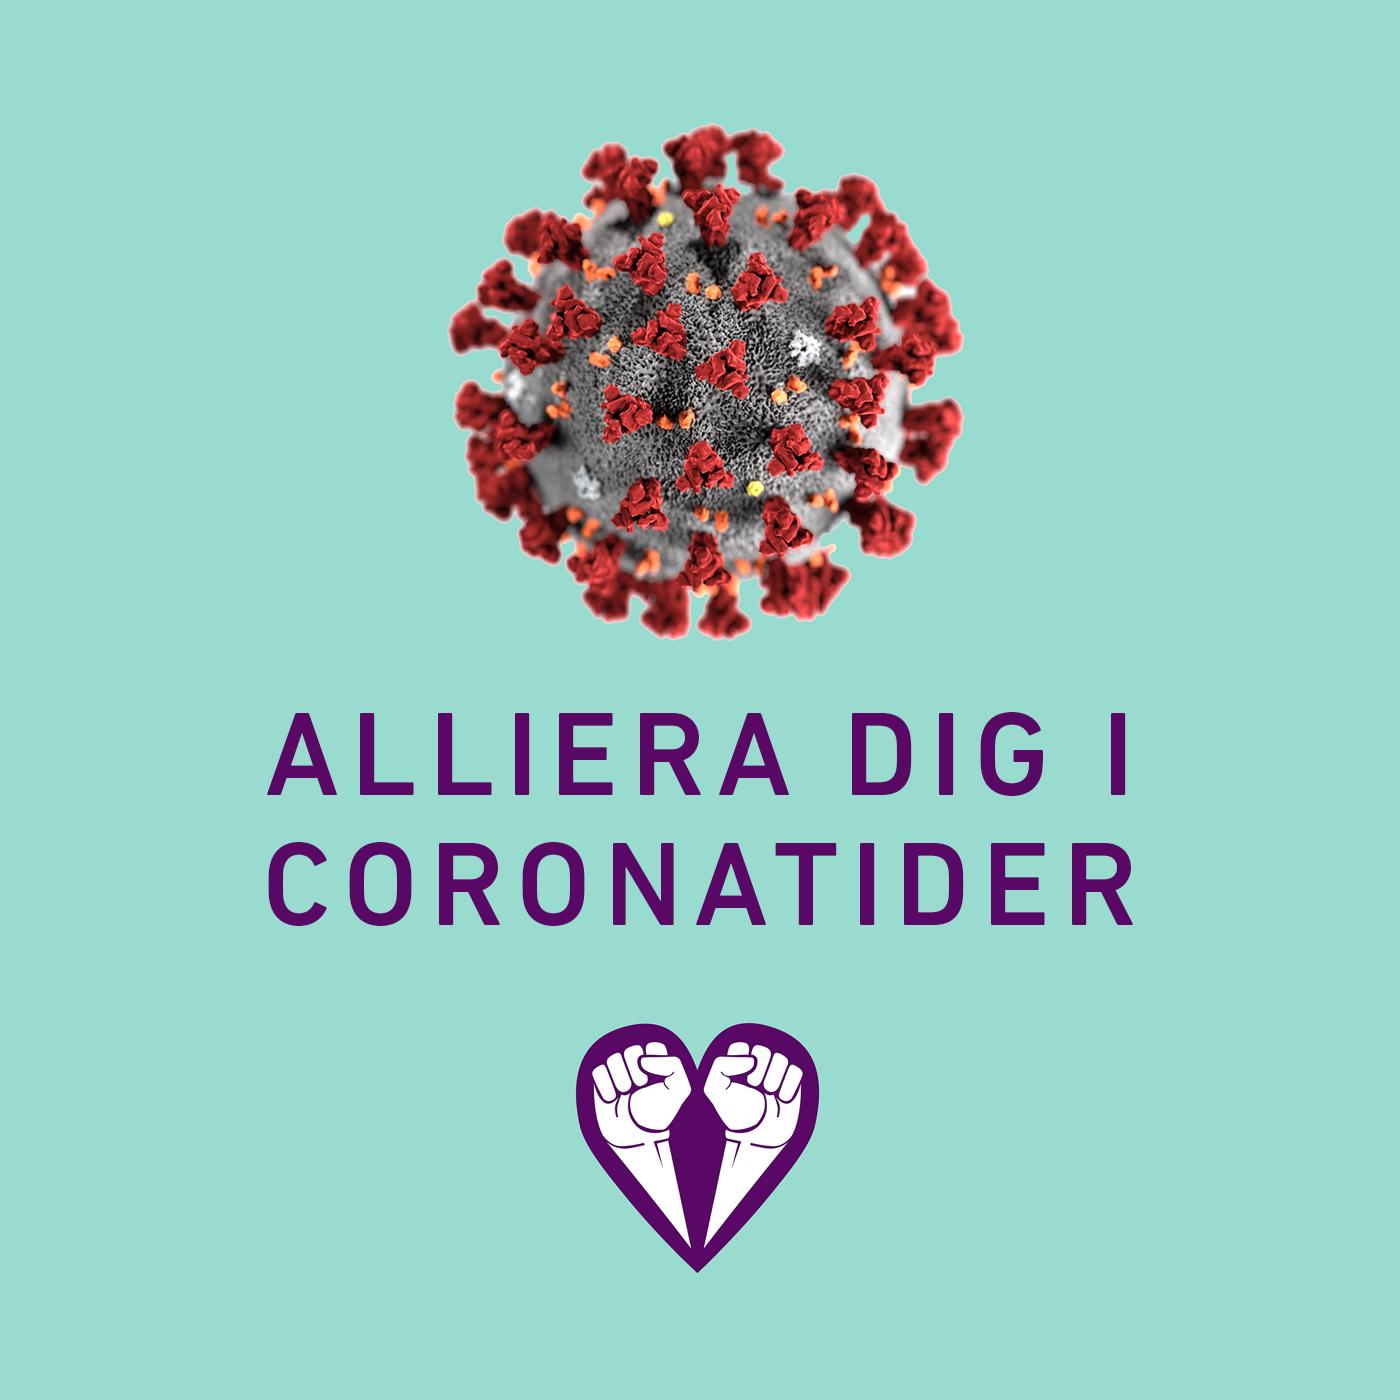 Alliera dig i Coronatider - foto av det rödlila viruset Corona, Allierads logga med två knutna nävar som bildar ett hjärta samt en uppmaning om alliering, allt mot den ljusturkosa färg som är Make Equals